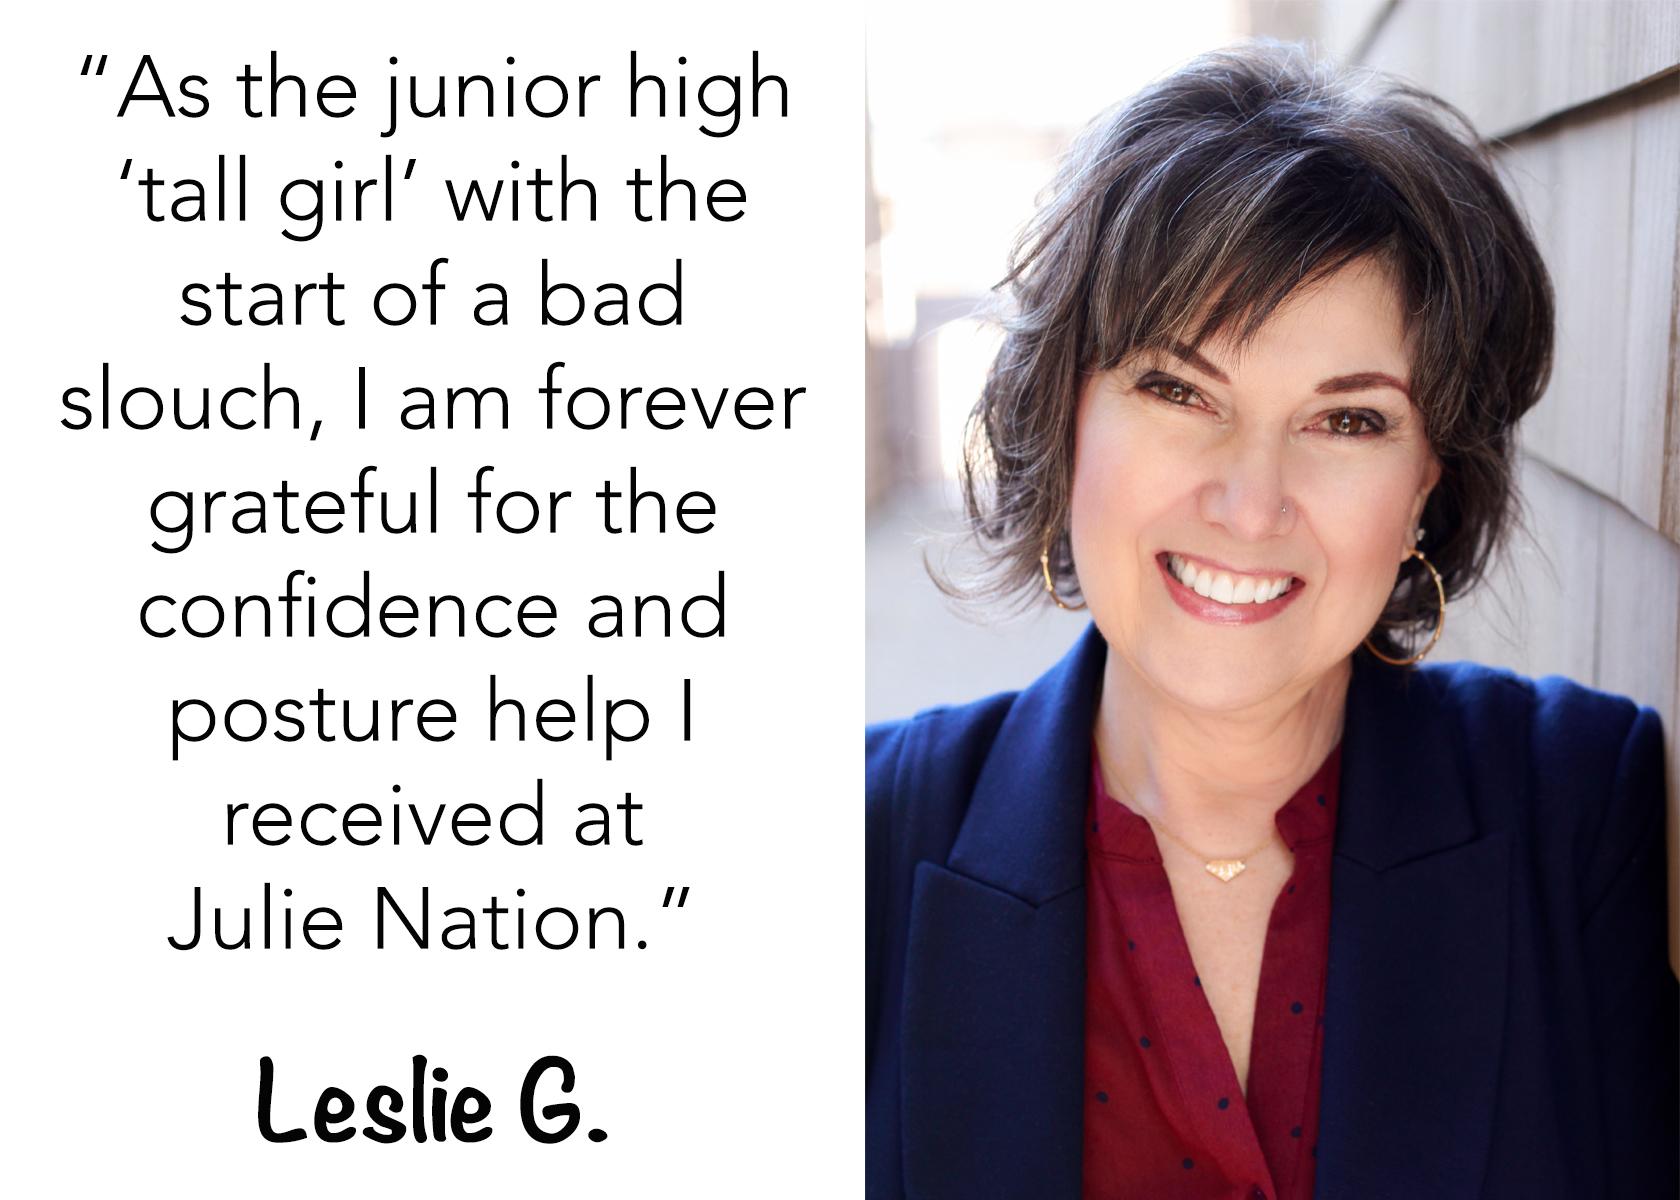 Leslie Griswold